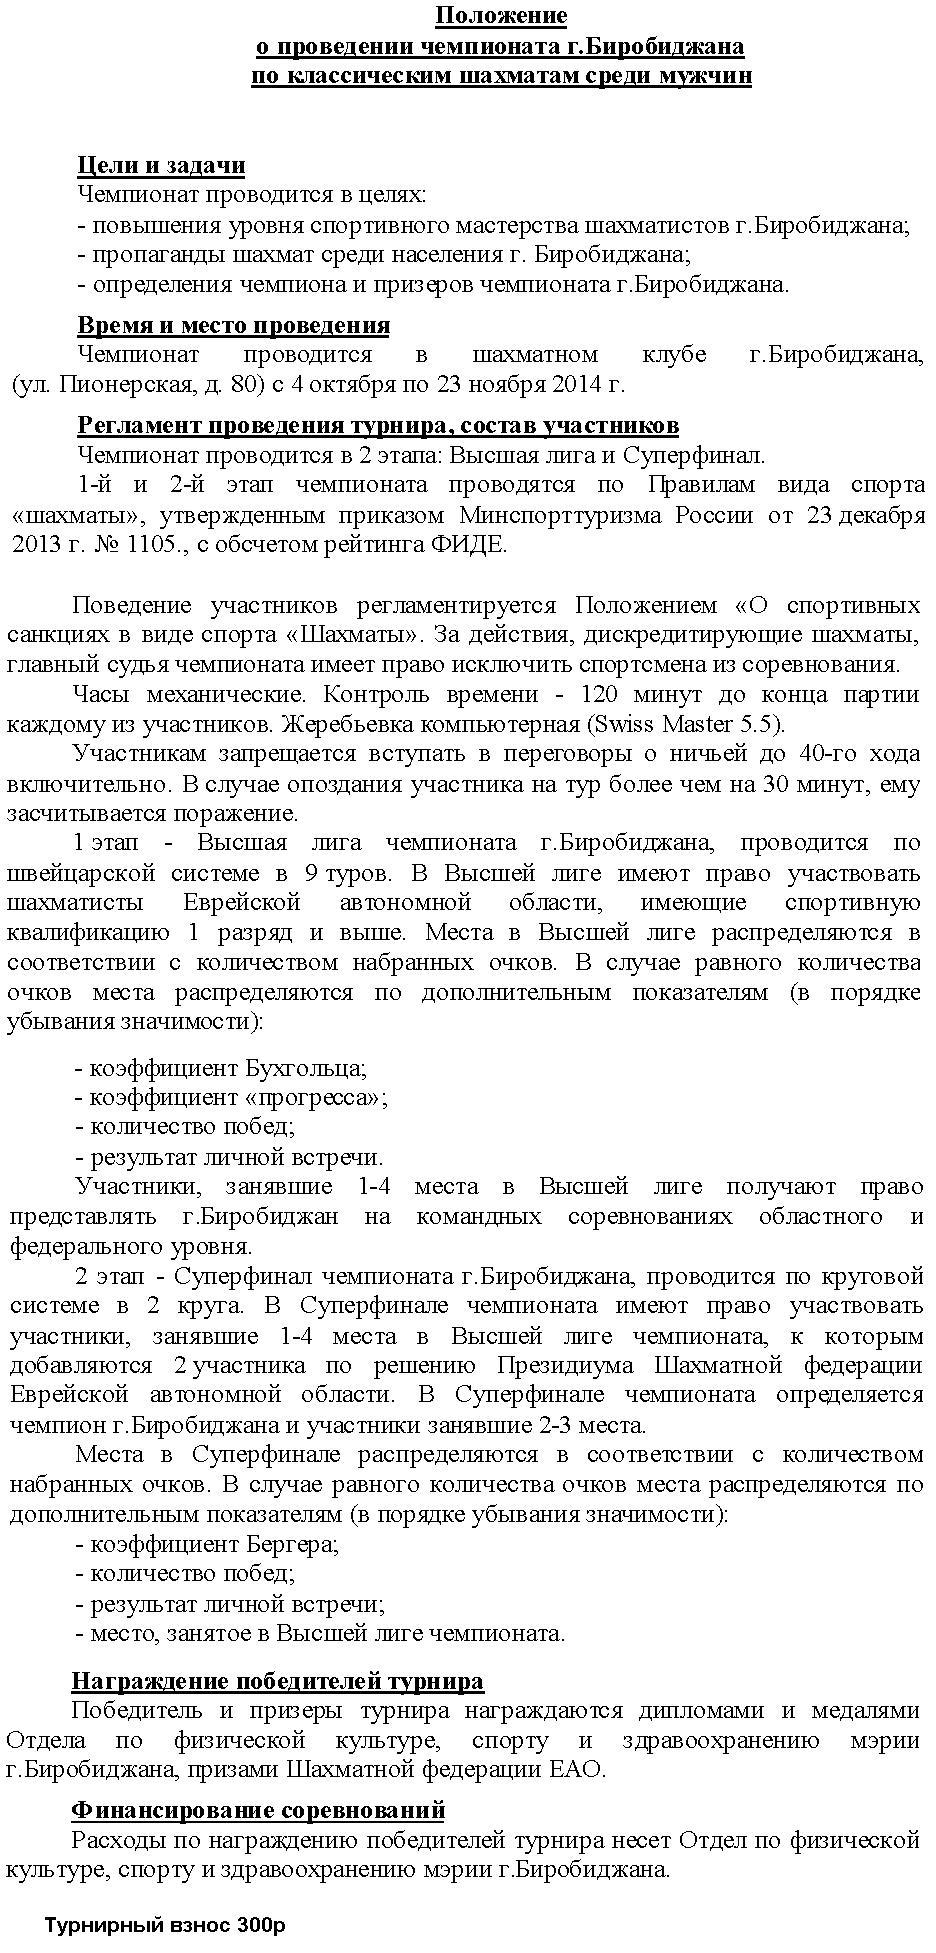 http://sd.uploads.ru/HXmul.jpg